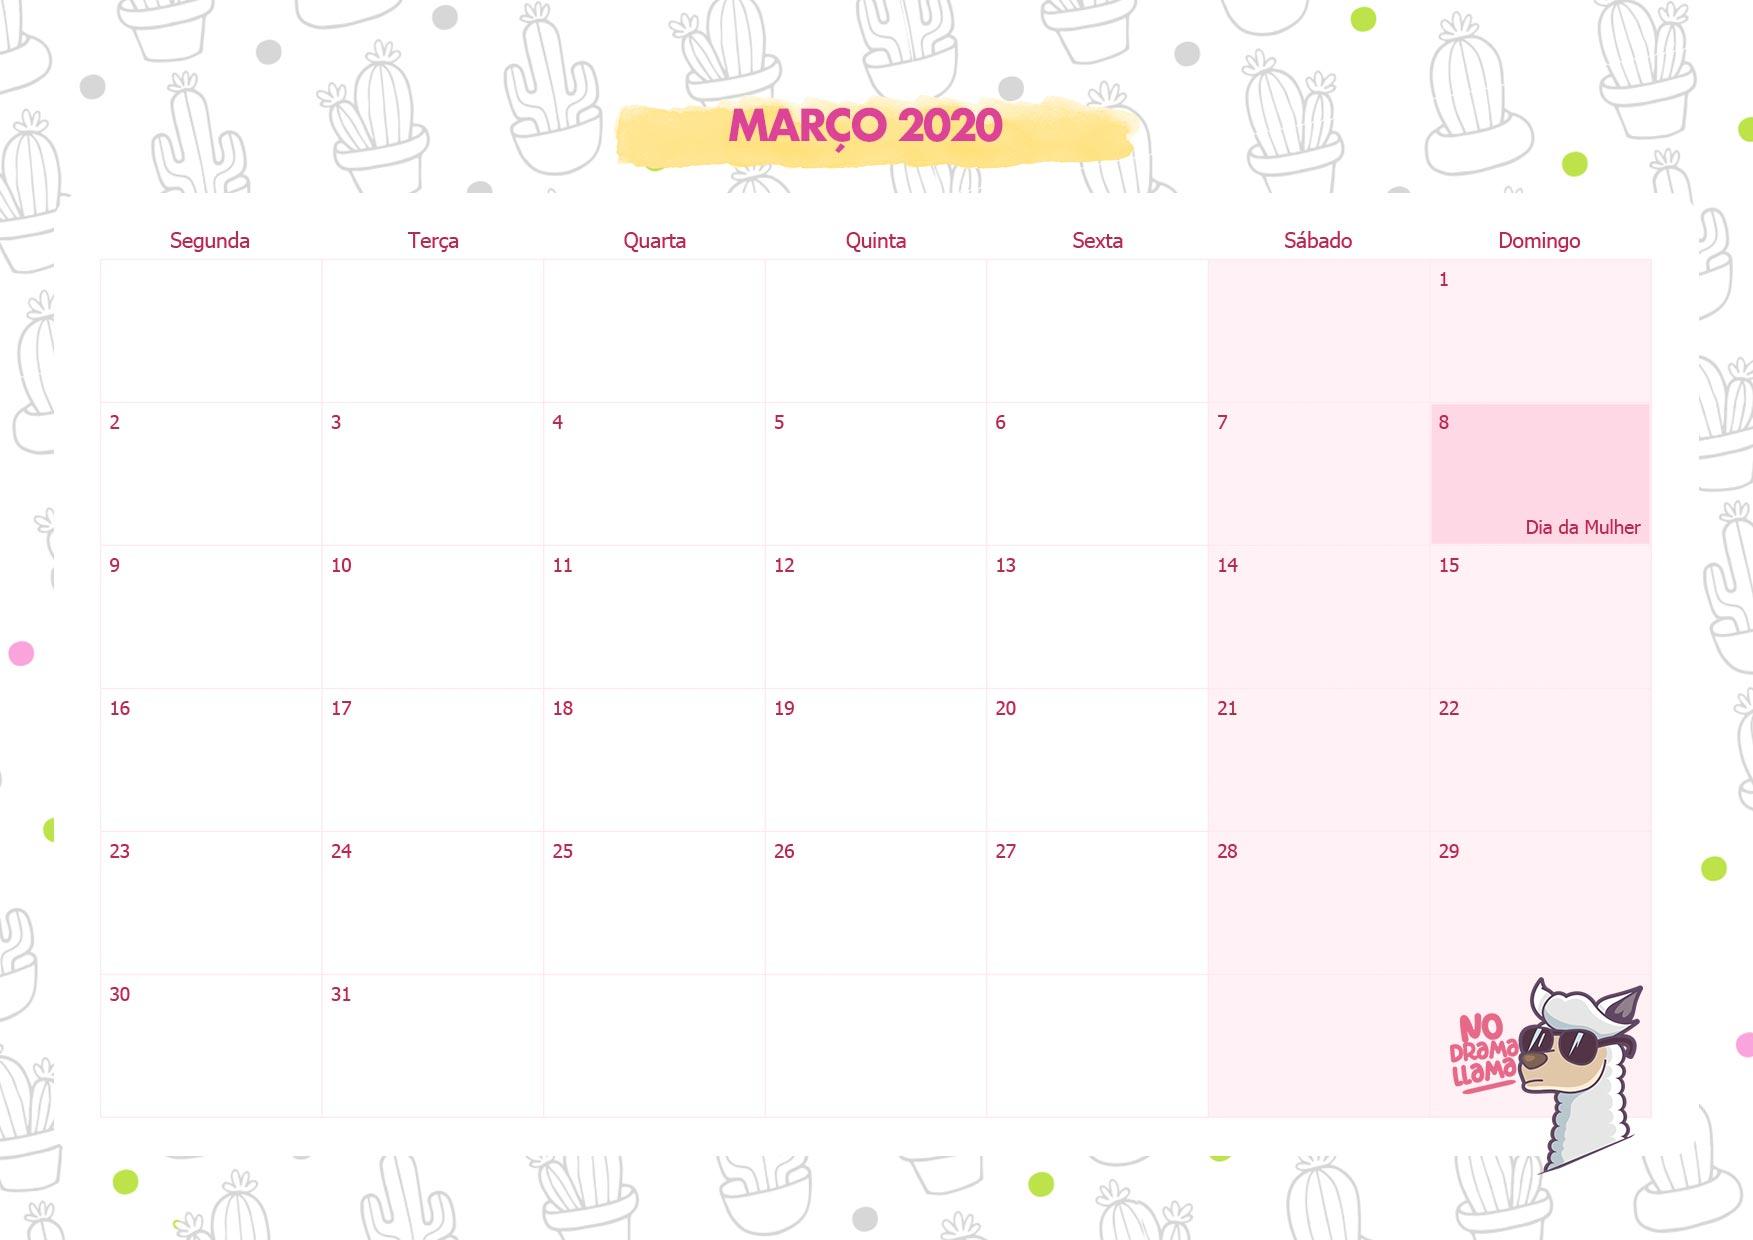 Calendario Mensal No Drama Lhama Marco 2020